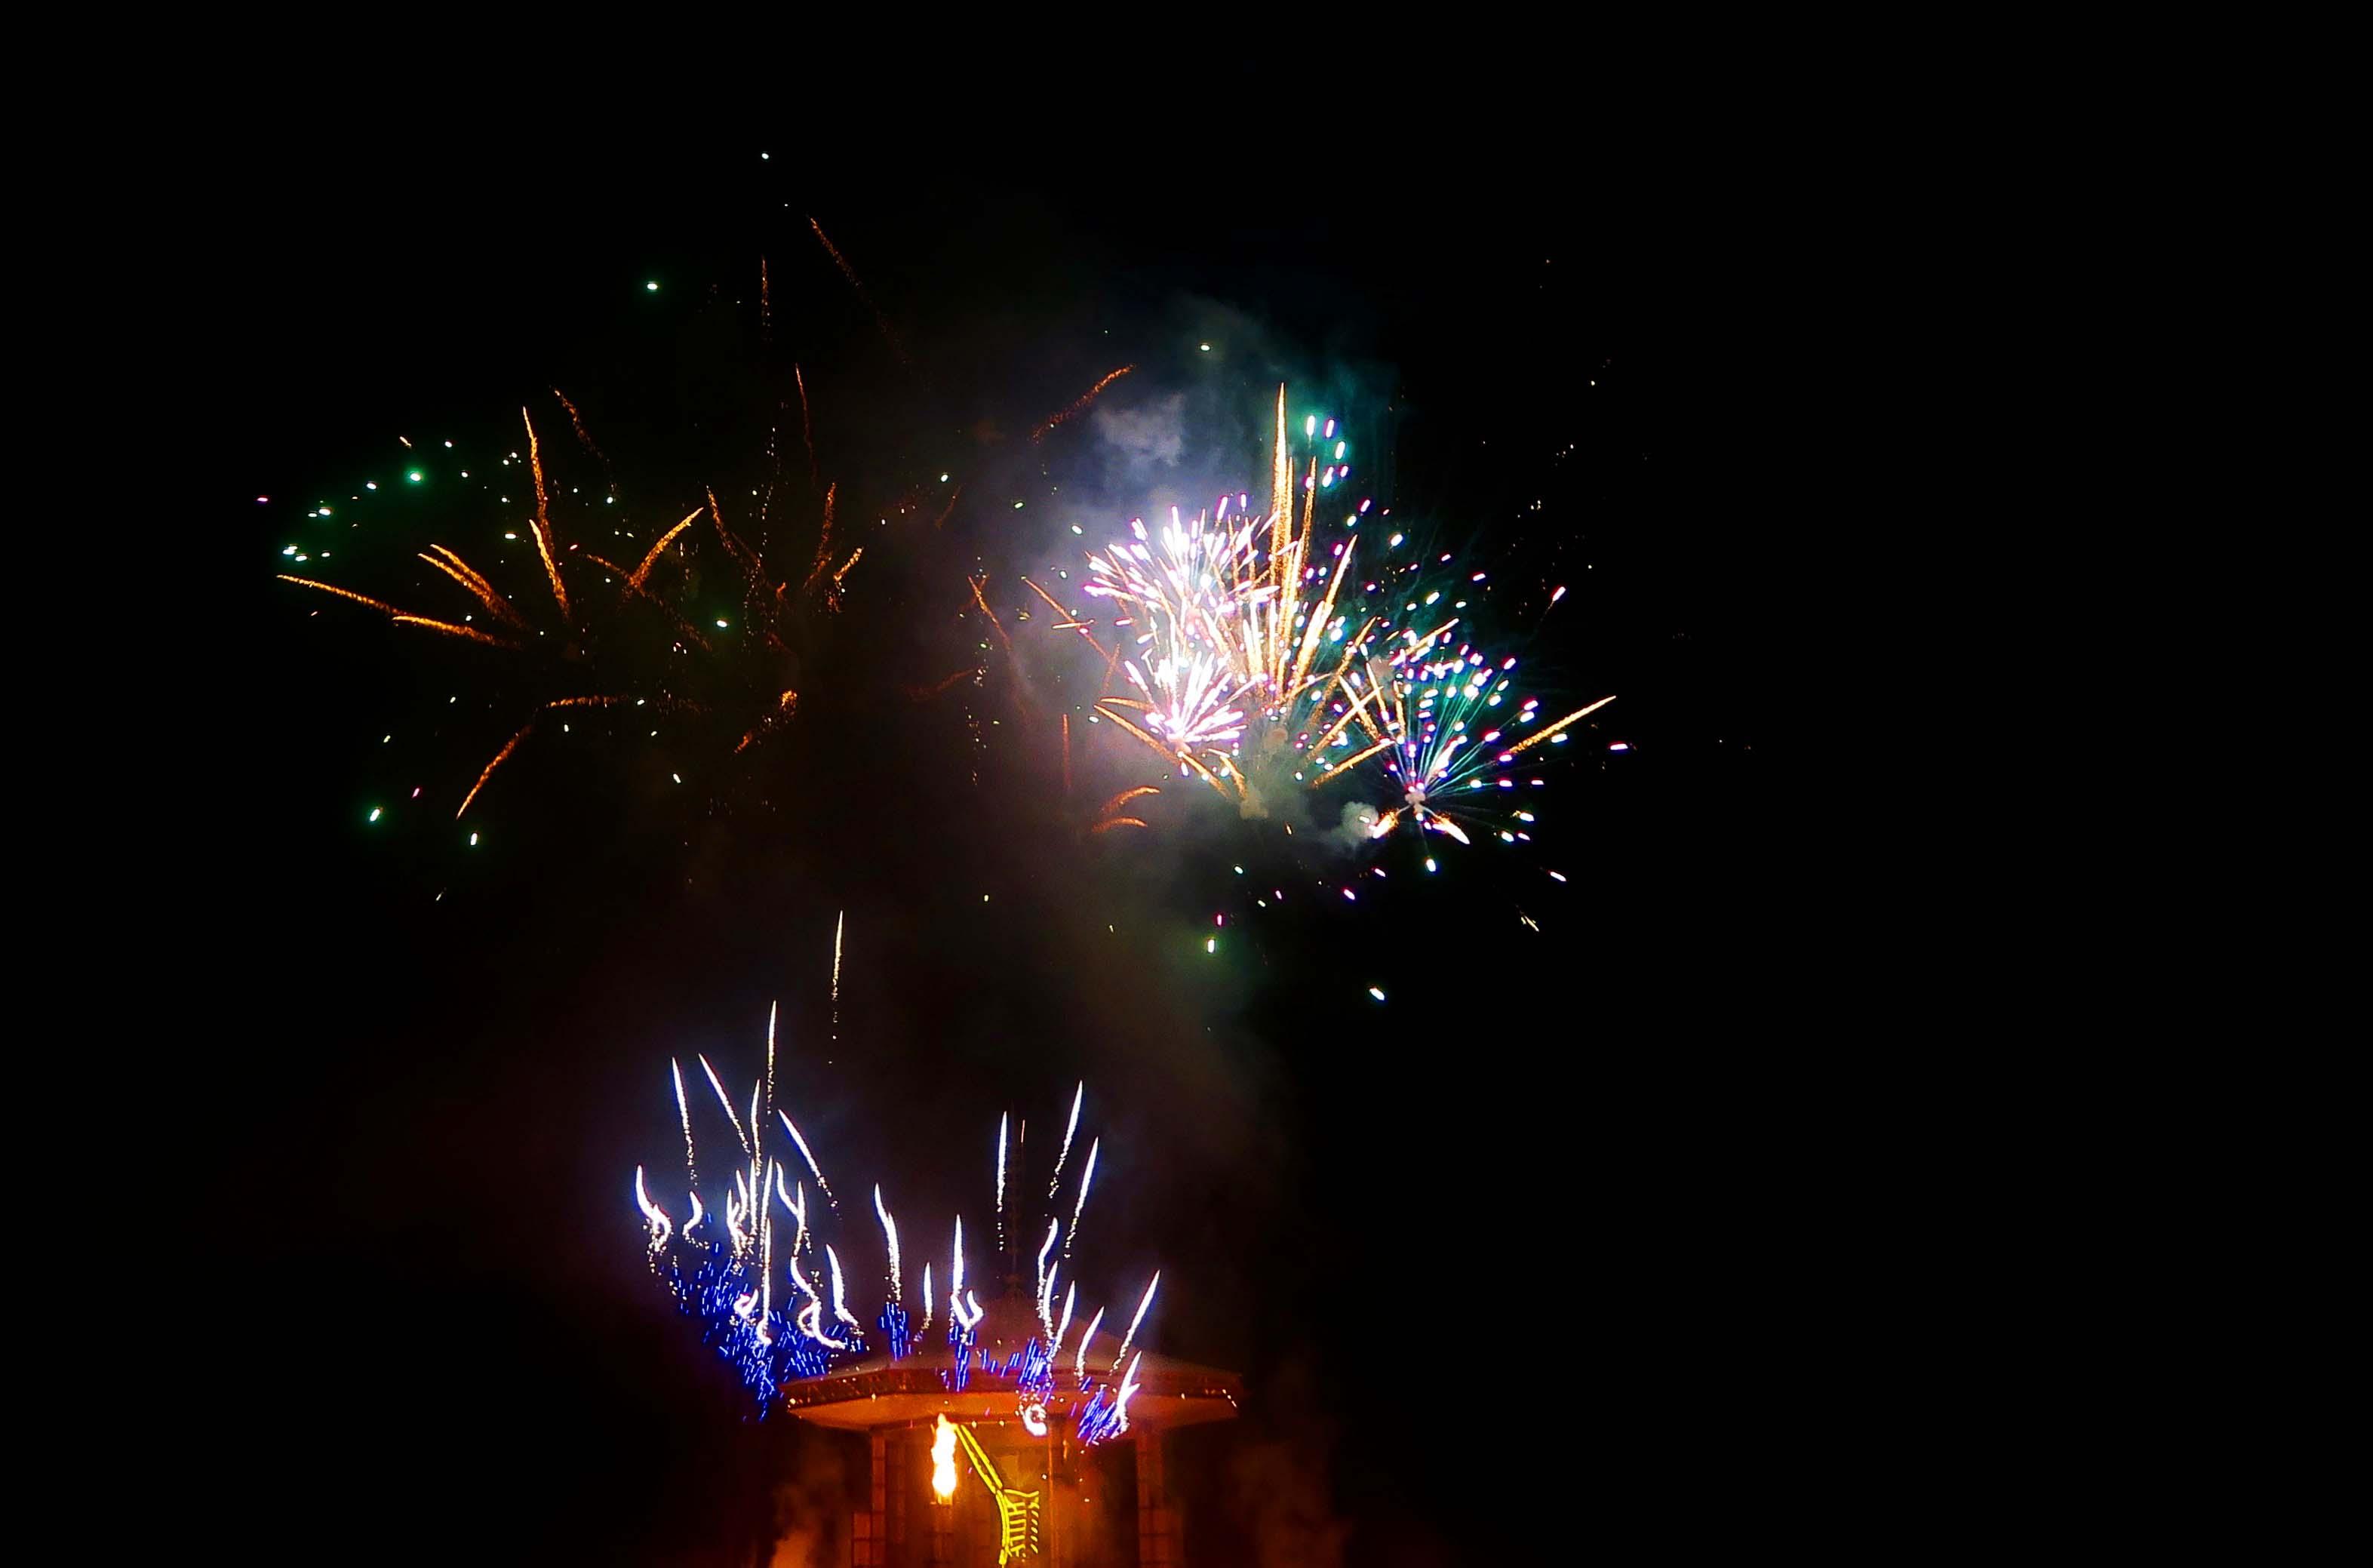 Fireworks on burn night, Burning Man 2017